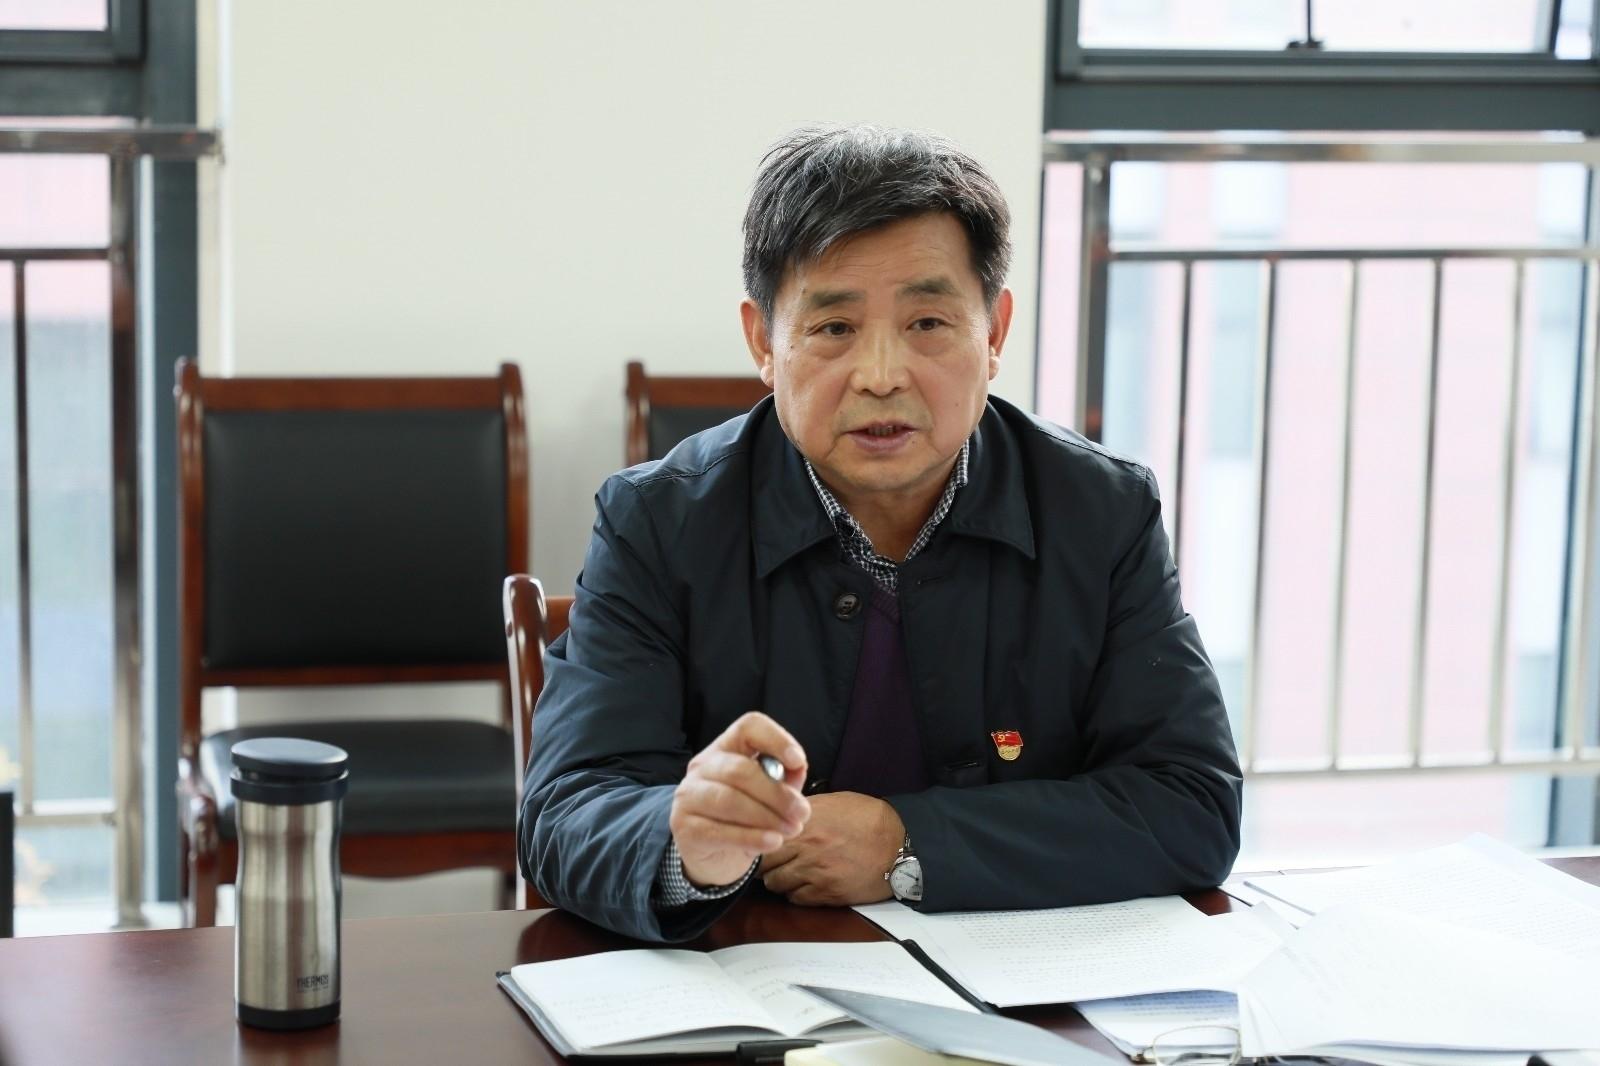 校党委书记赵健发言.JPG